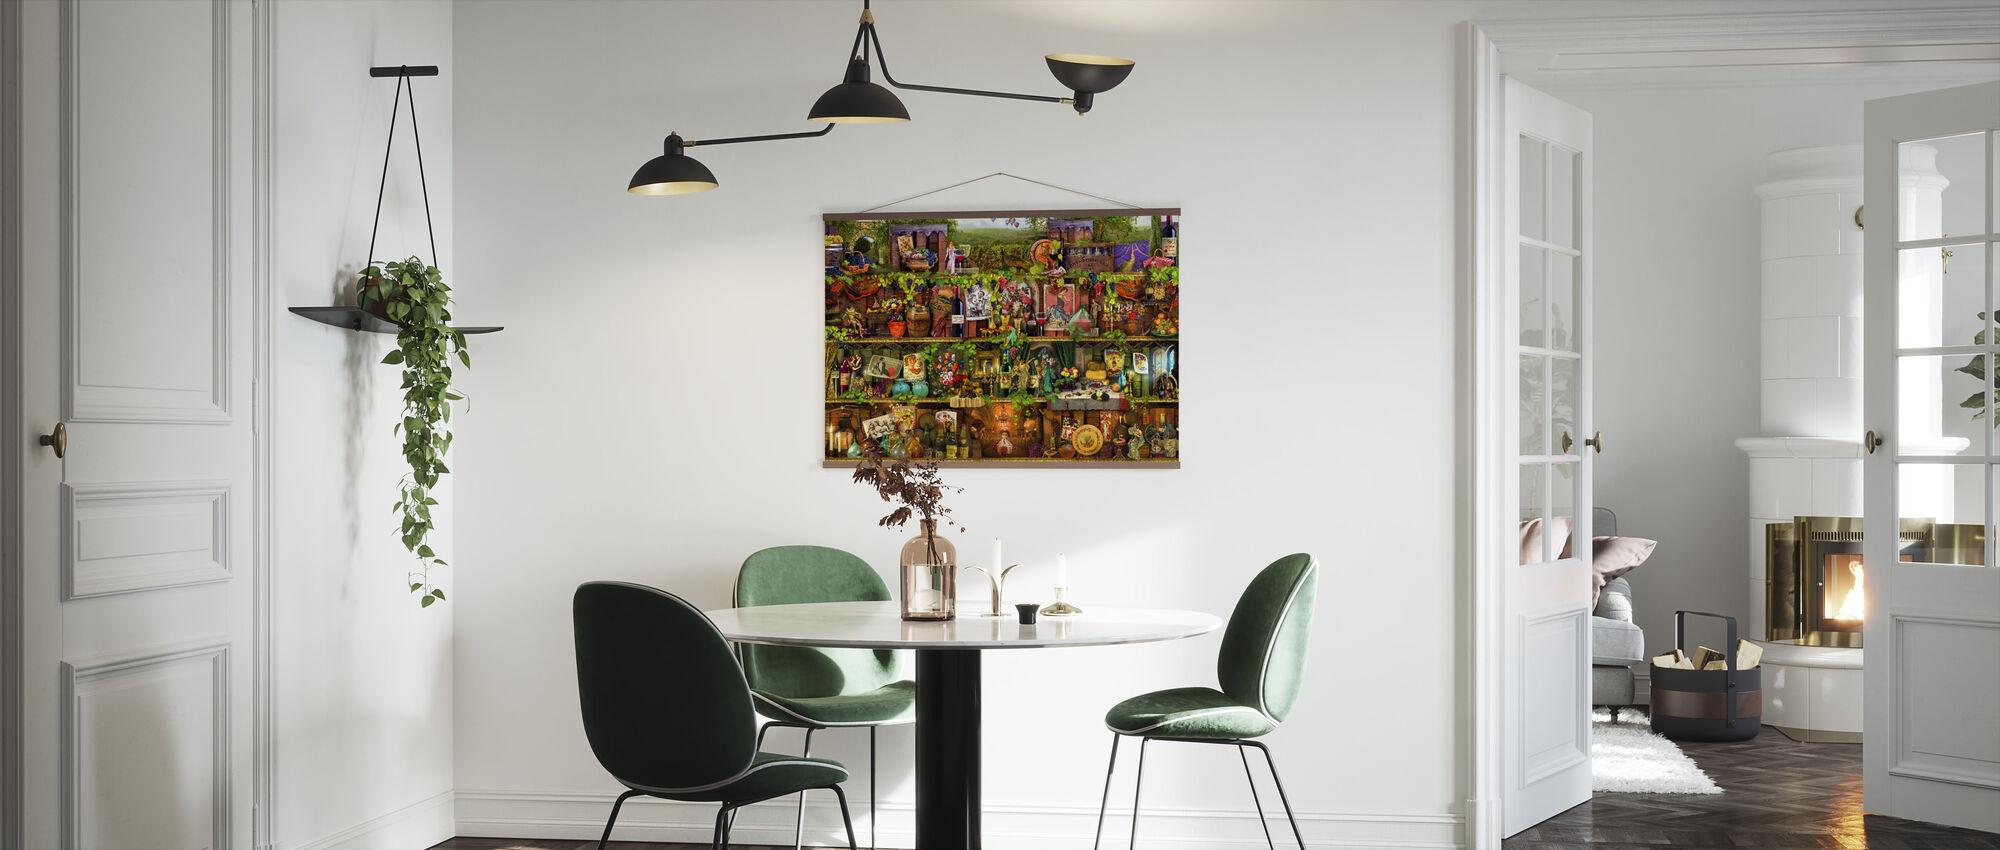 Wijnplank - Poster - Keuken